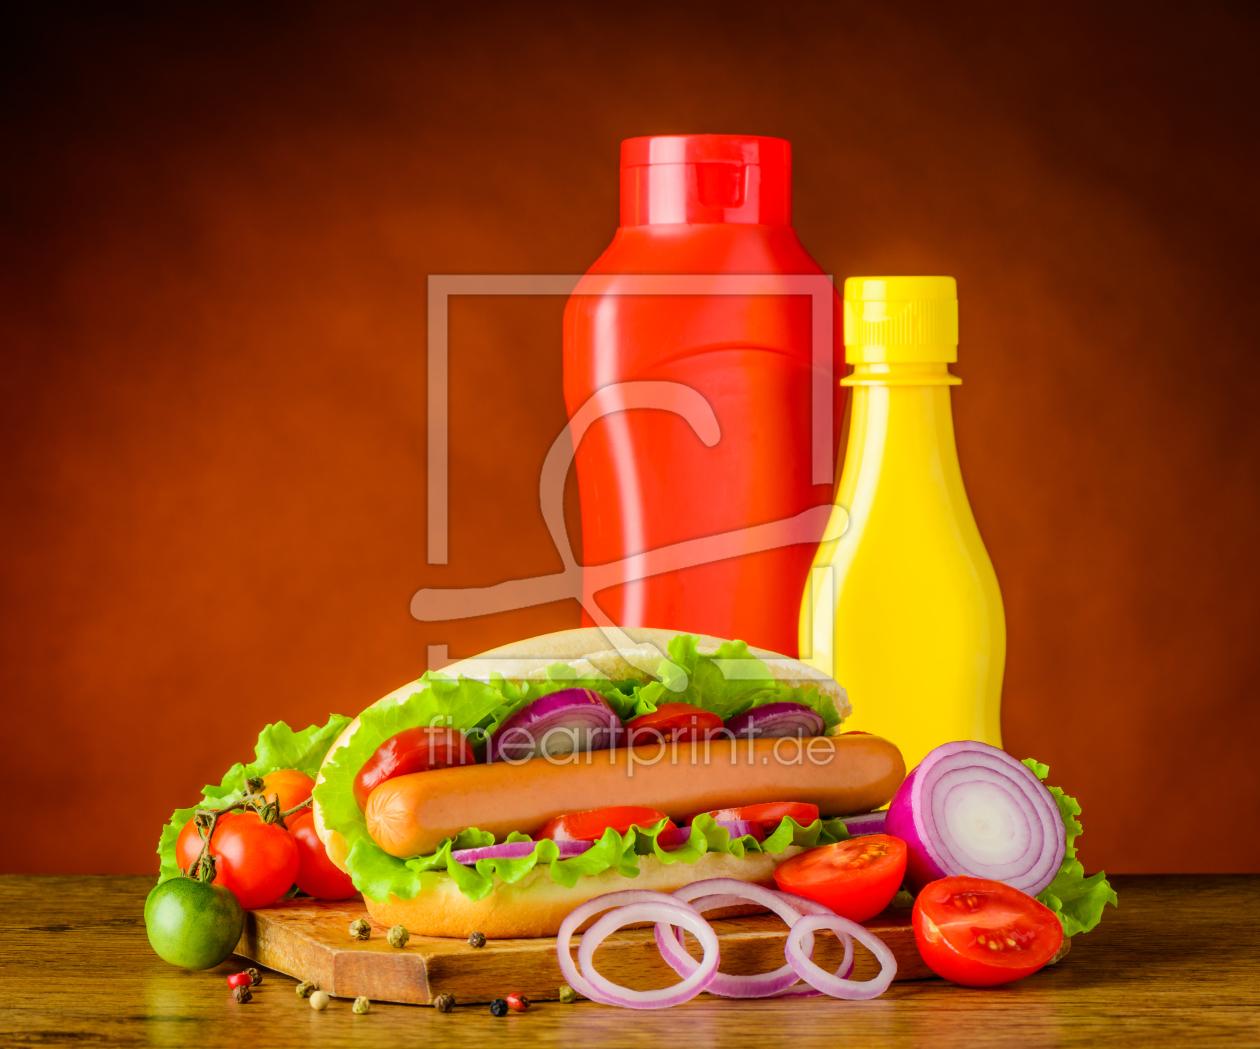 hot dog mit ketchup und senf als tragetasche von xfoto. Black Bedroom Furniture Sets. Home Design Ideas